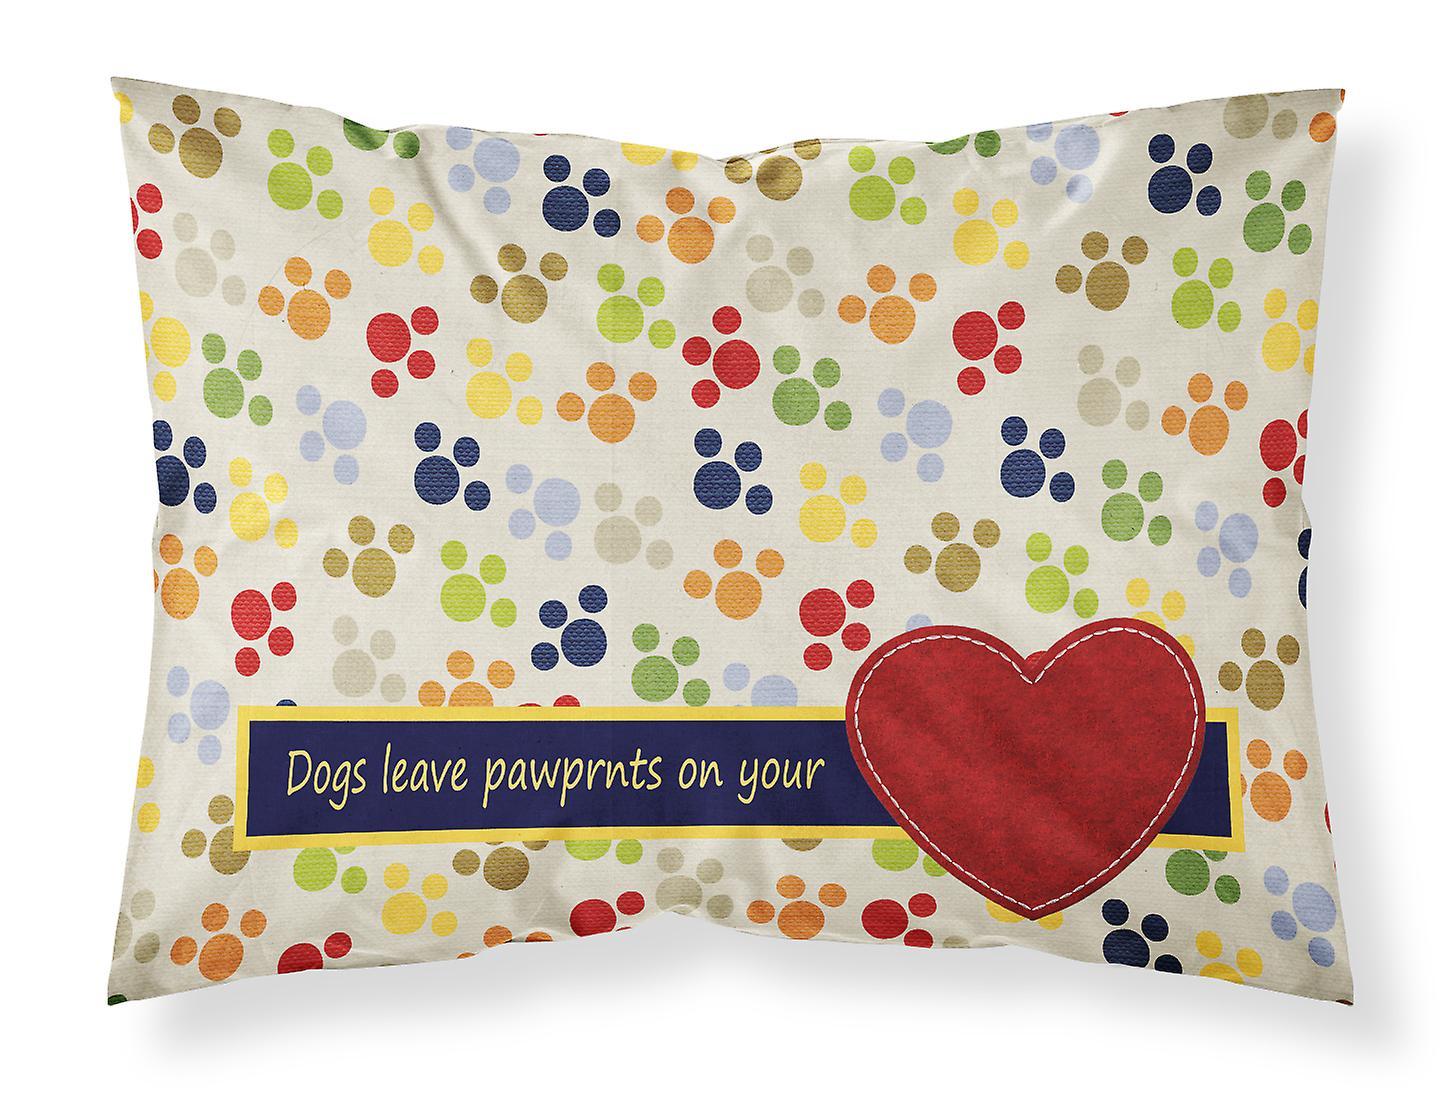 D'oreiller Standard Wicking Chiens Votre Les Laissent Sur Coeur L'humidité Tissu Taie Pawprints f6gyYbv7